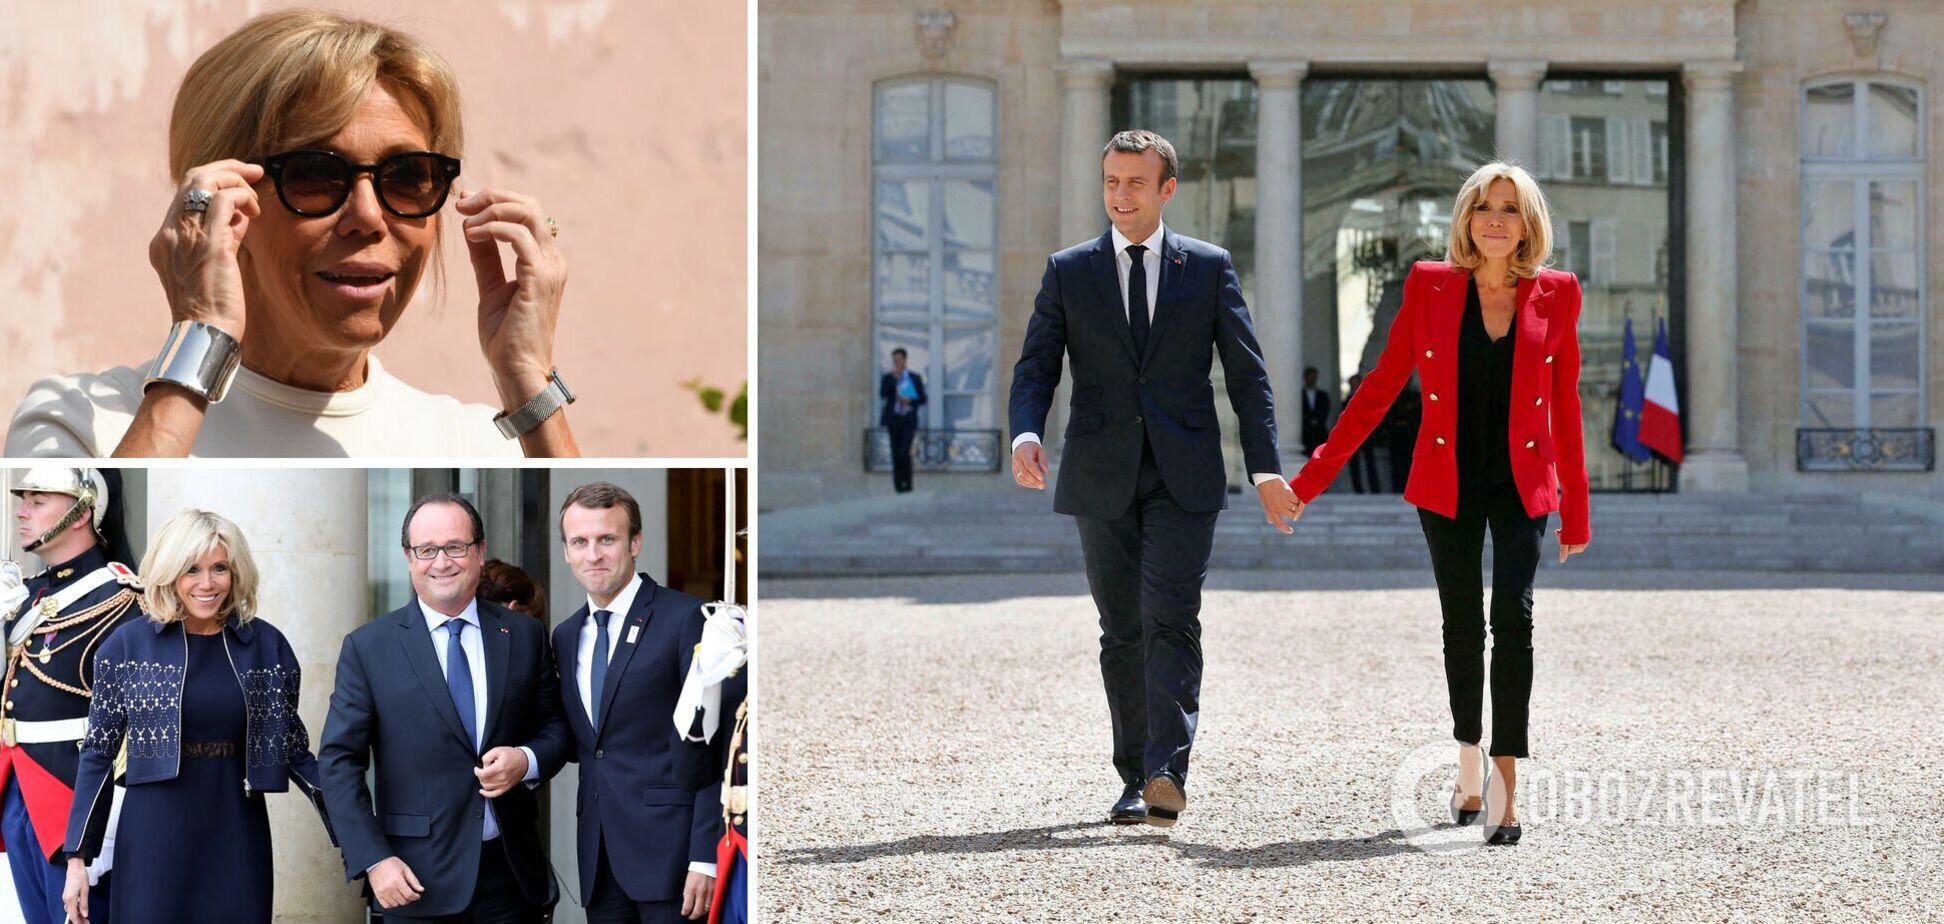 Мини не по протоколу и не только: разобрали стиль первой леди Франции Брижит Макрон